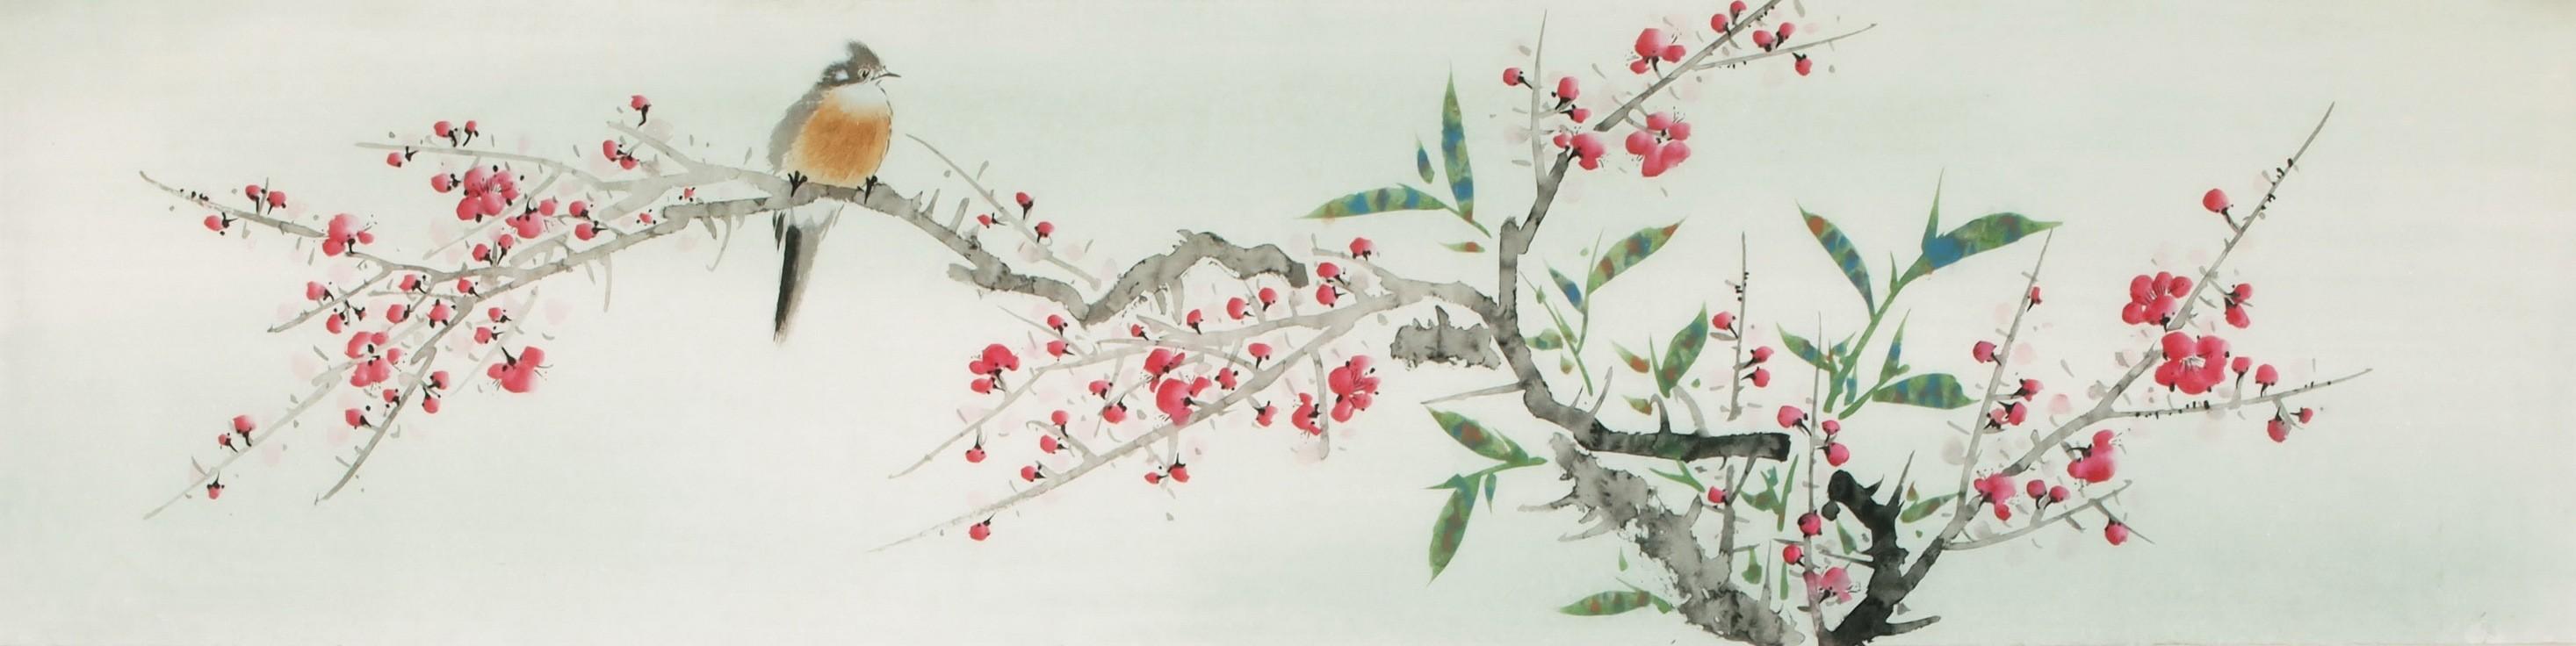 Bamboo - CNAG003094